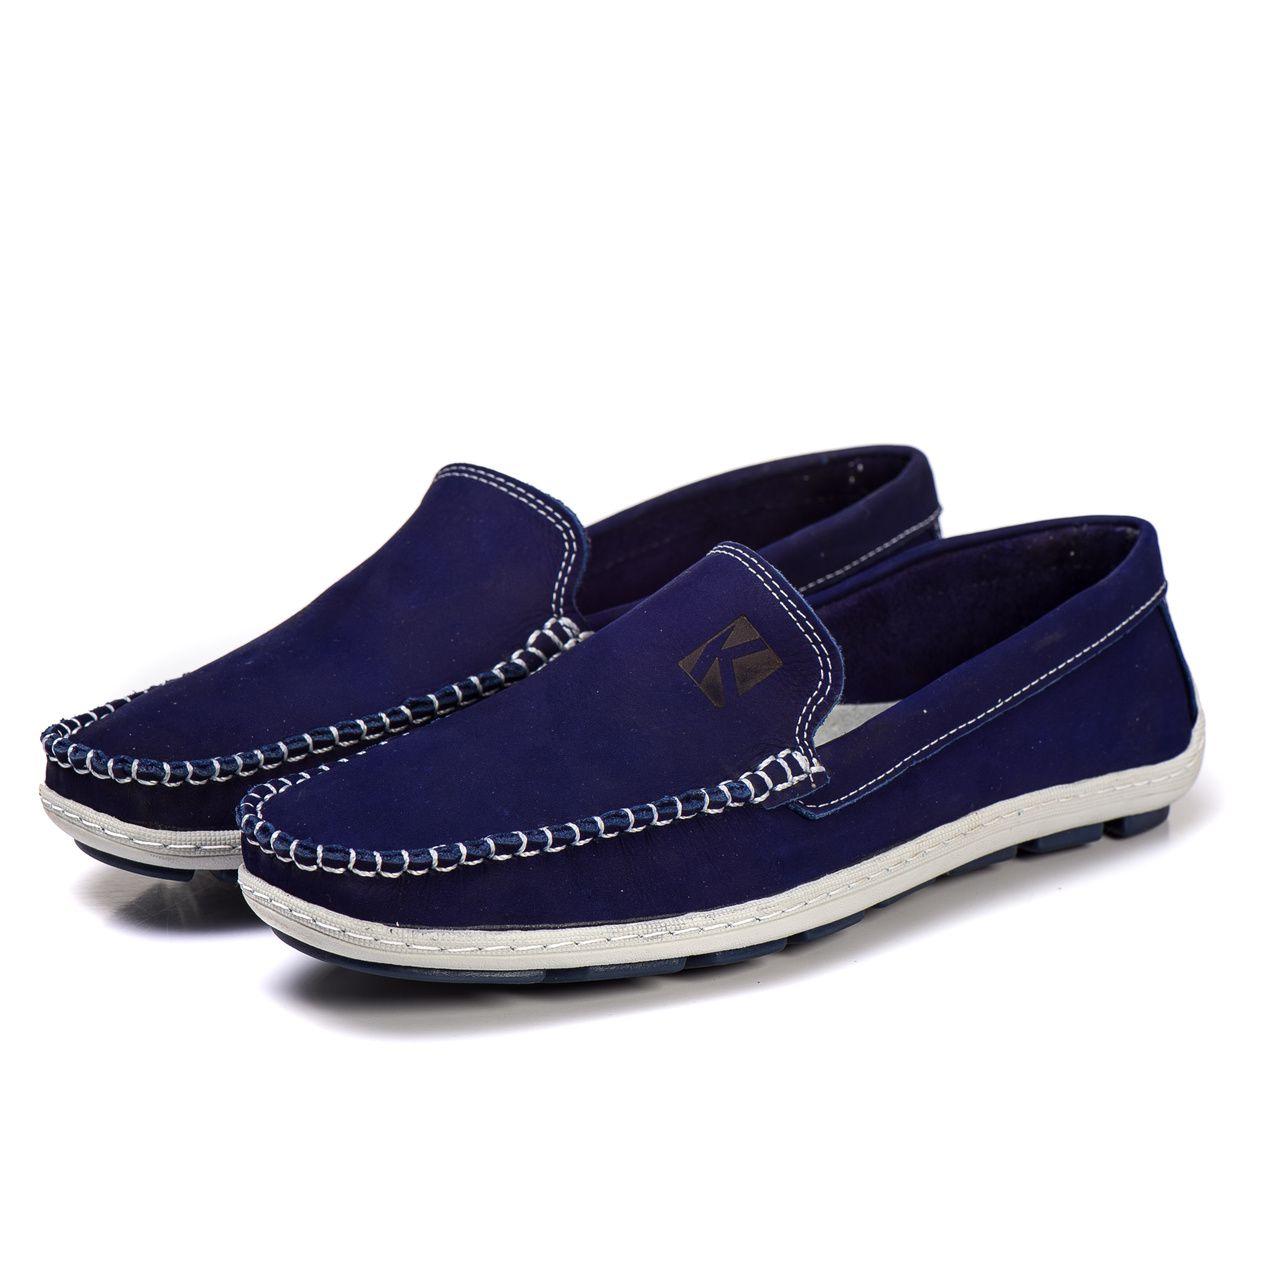 42baee48b7 Sapato Mocassim Couro Legítimo Azul bic - Kapell Calçados